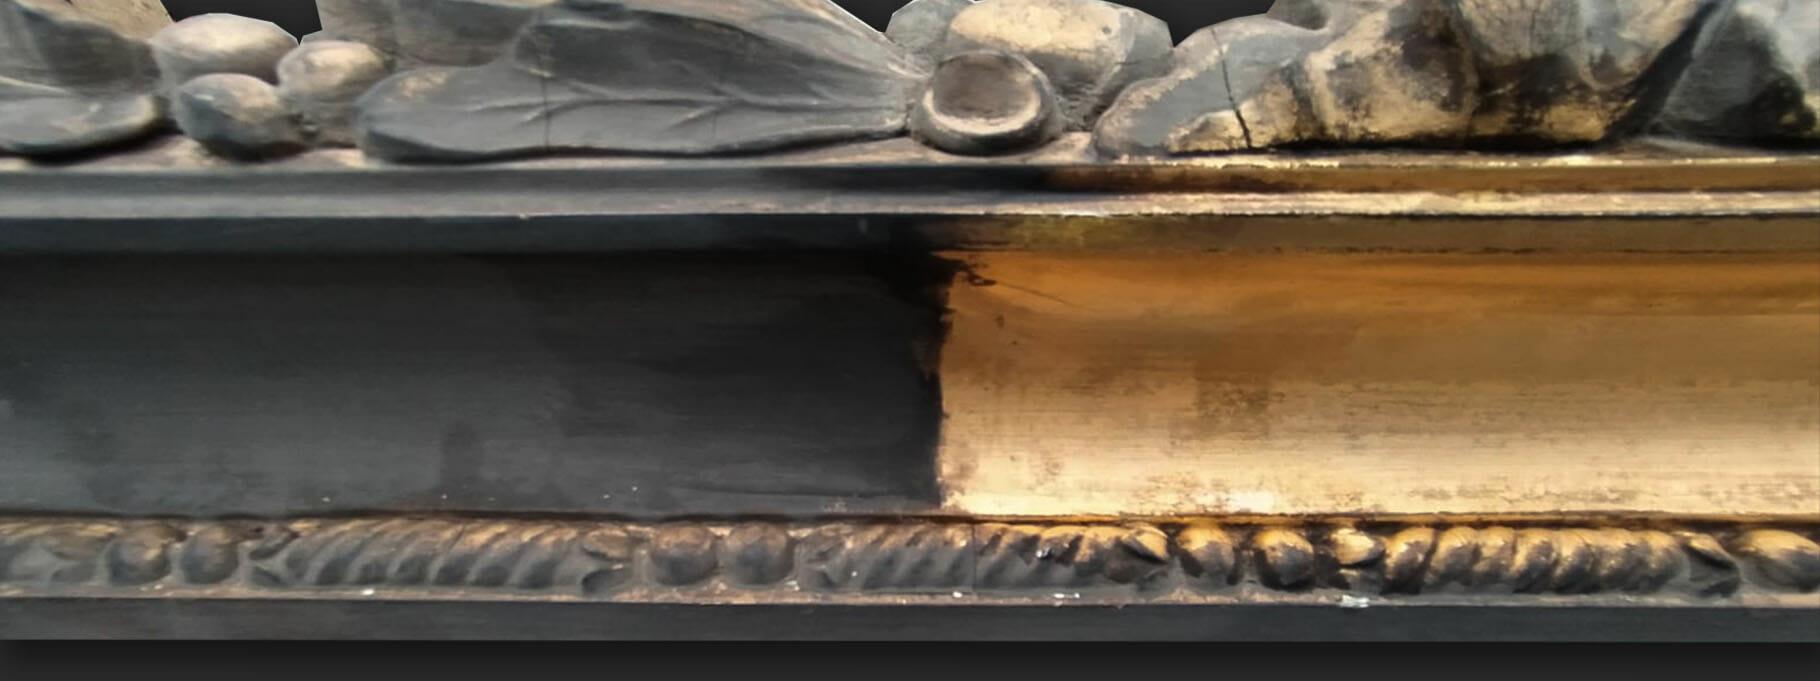 Smoke Damaged Frame Clean